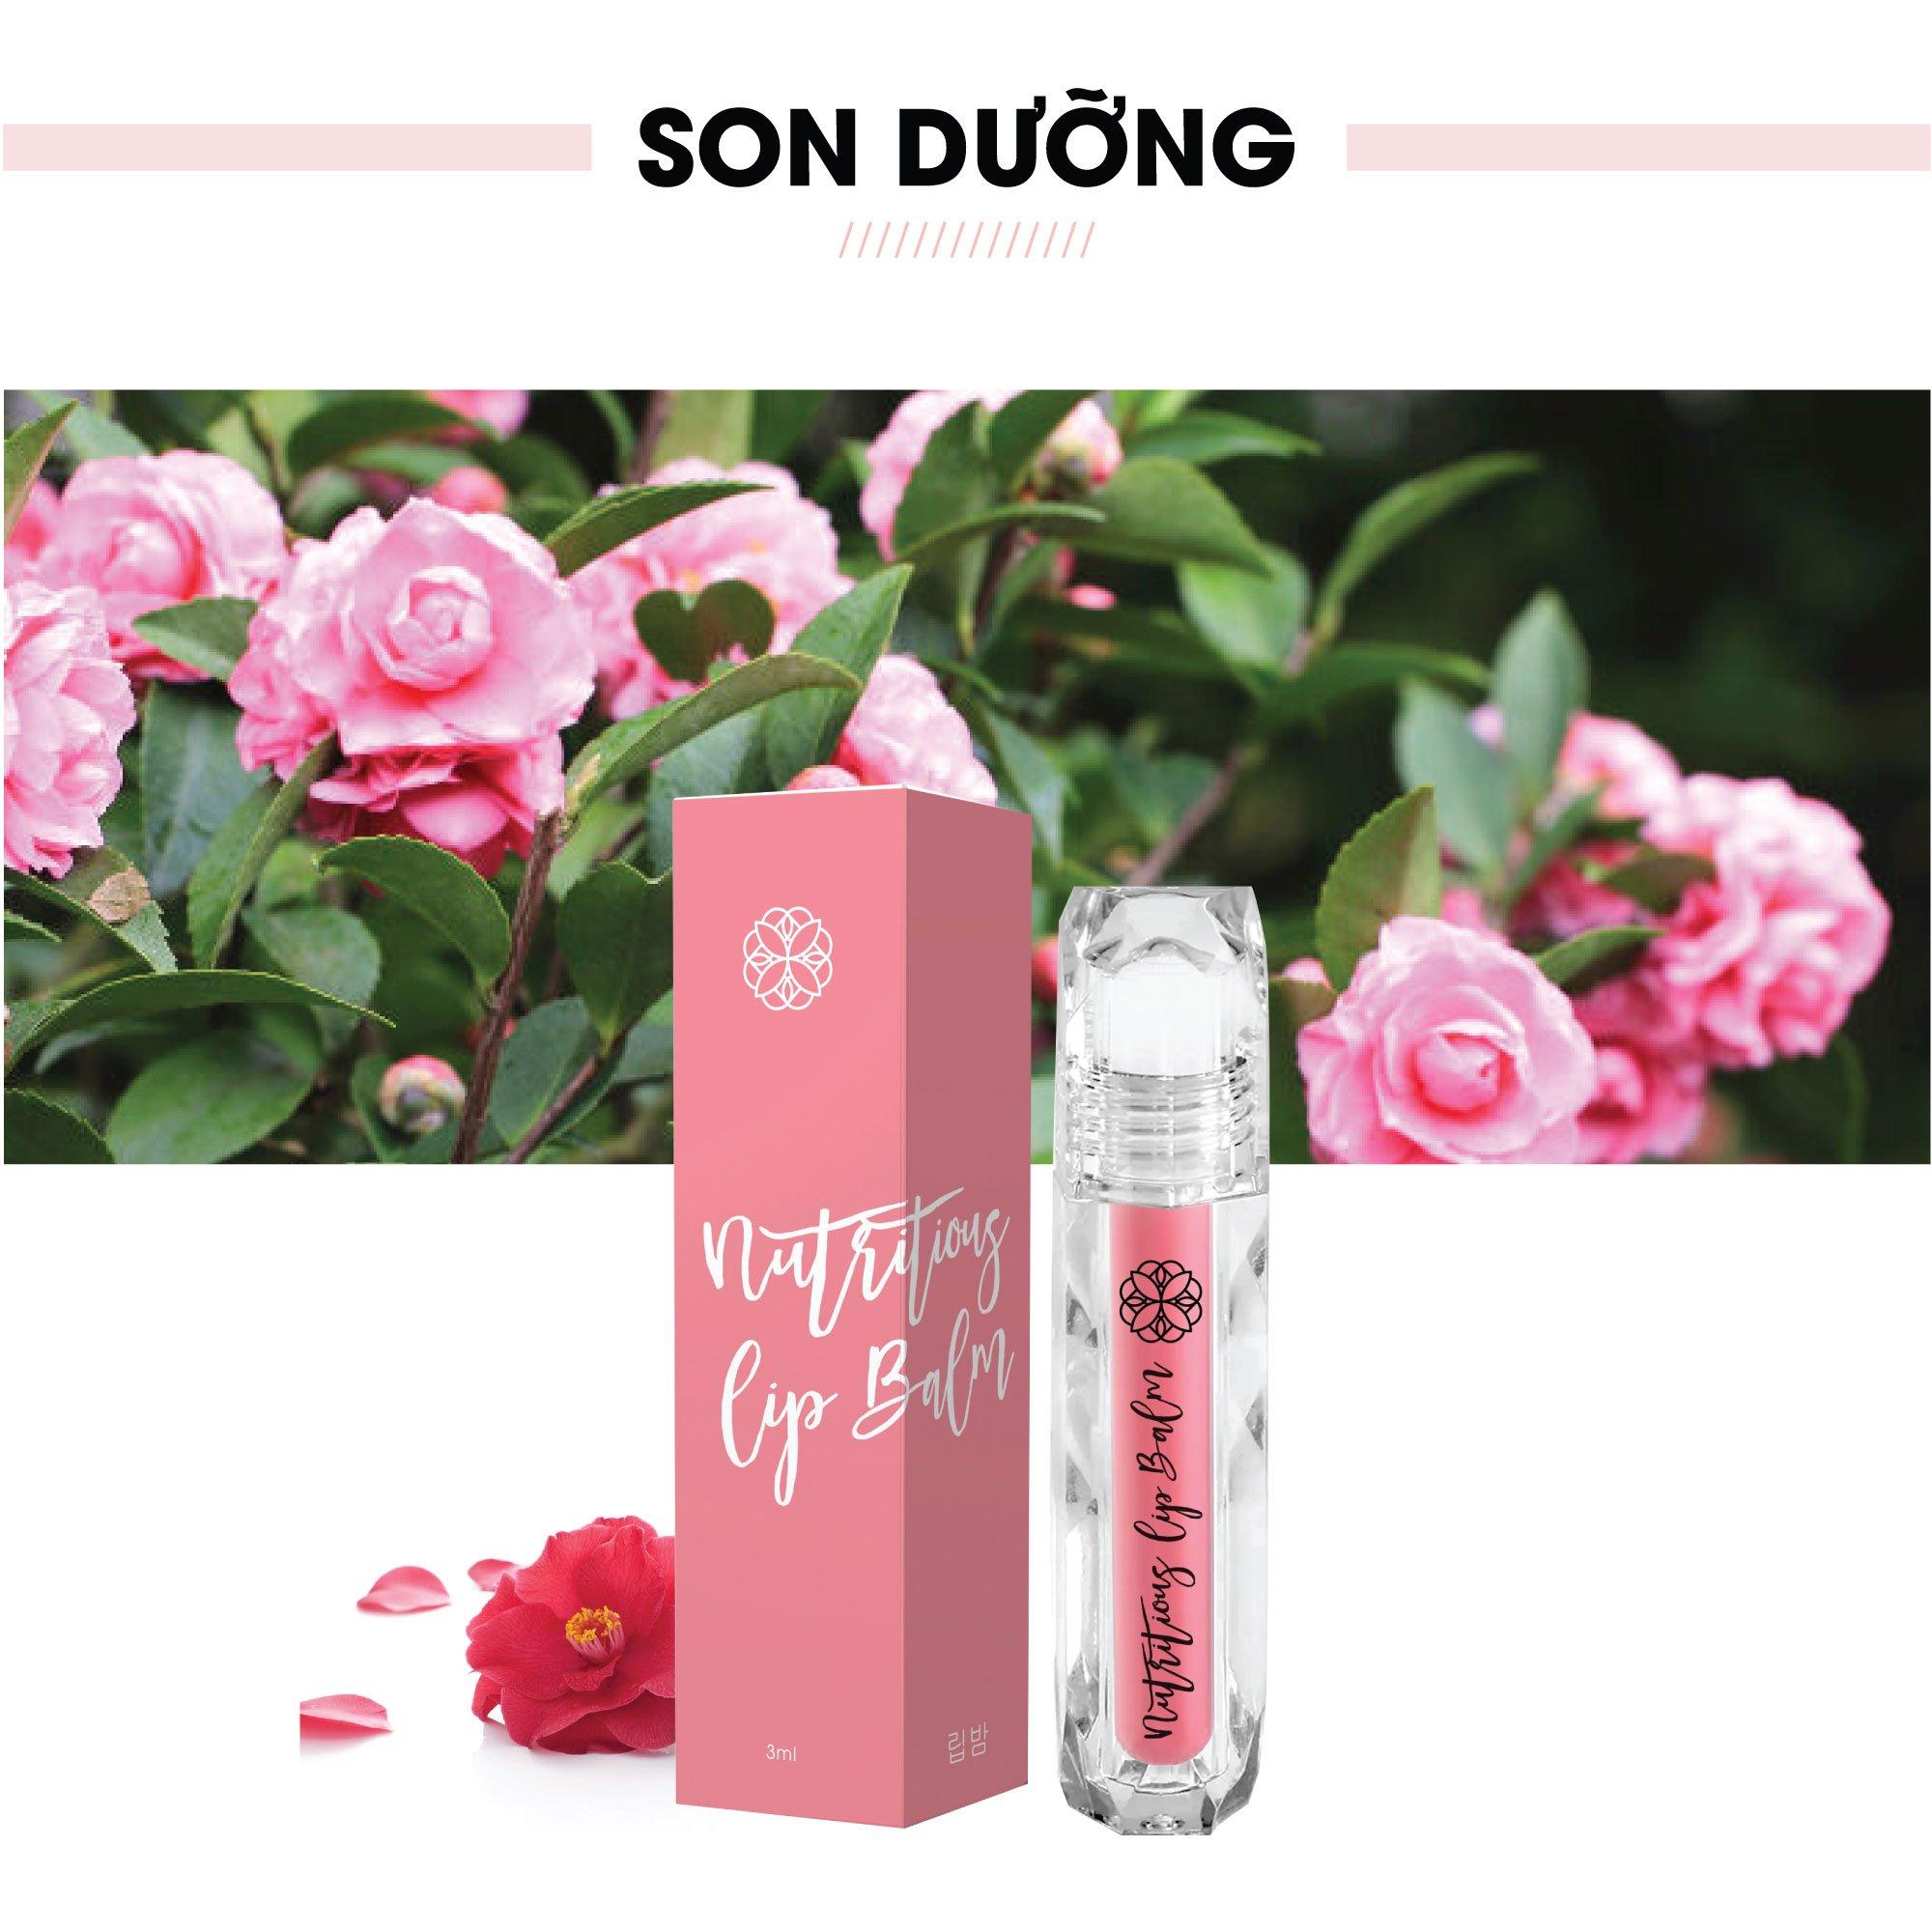 Son dưỡng môi Truesky màu hồng nhạt giúp môi hồng hào, giảm tình trạng thâm môi và nứt nẻ 3ml - Nutritious Lip Balm